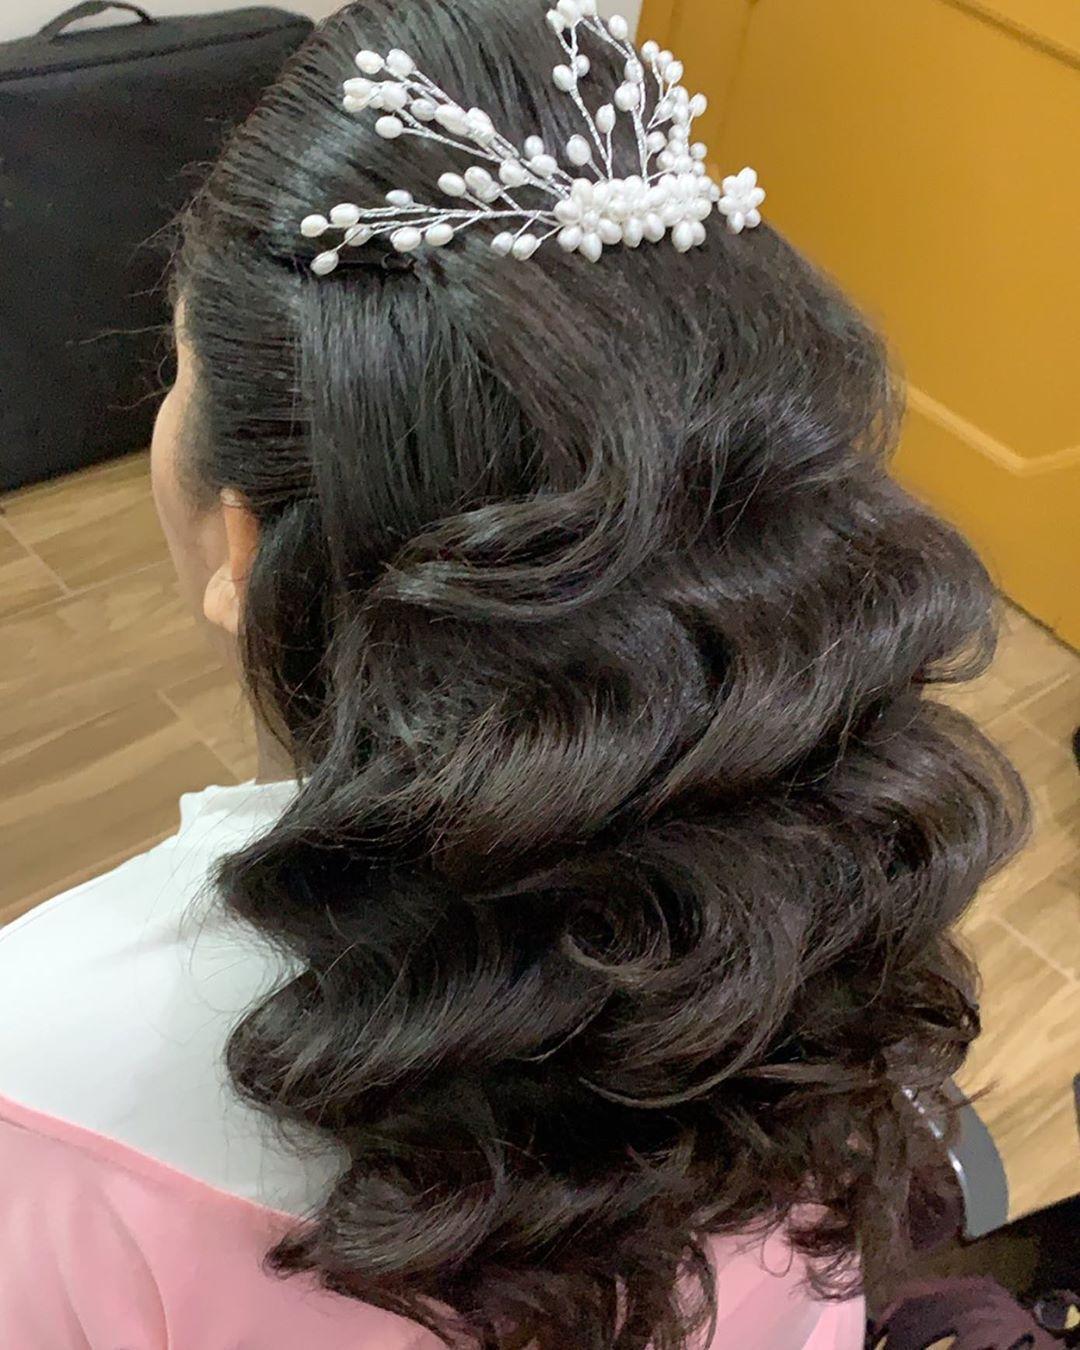 شغلي الرياض تساريح تجميل تسريحات عرايس مصورات الرياض تصويري تنسيقات تنسيق زواجات الرياض Hairstyles هير س Hair Styles Long Hair Styles About Hair